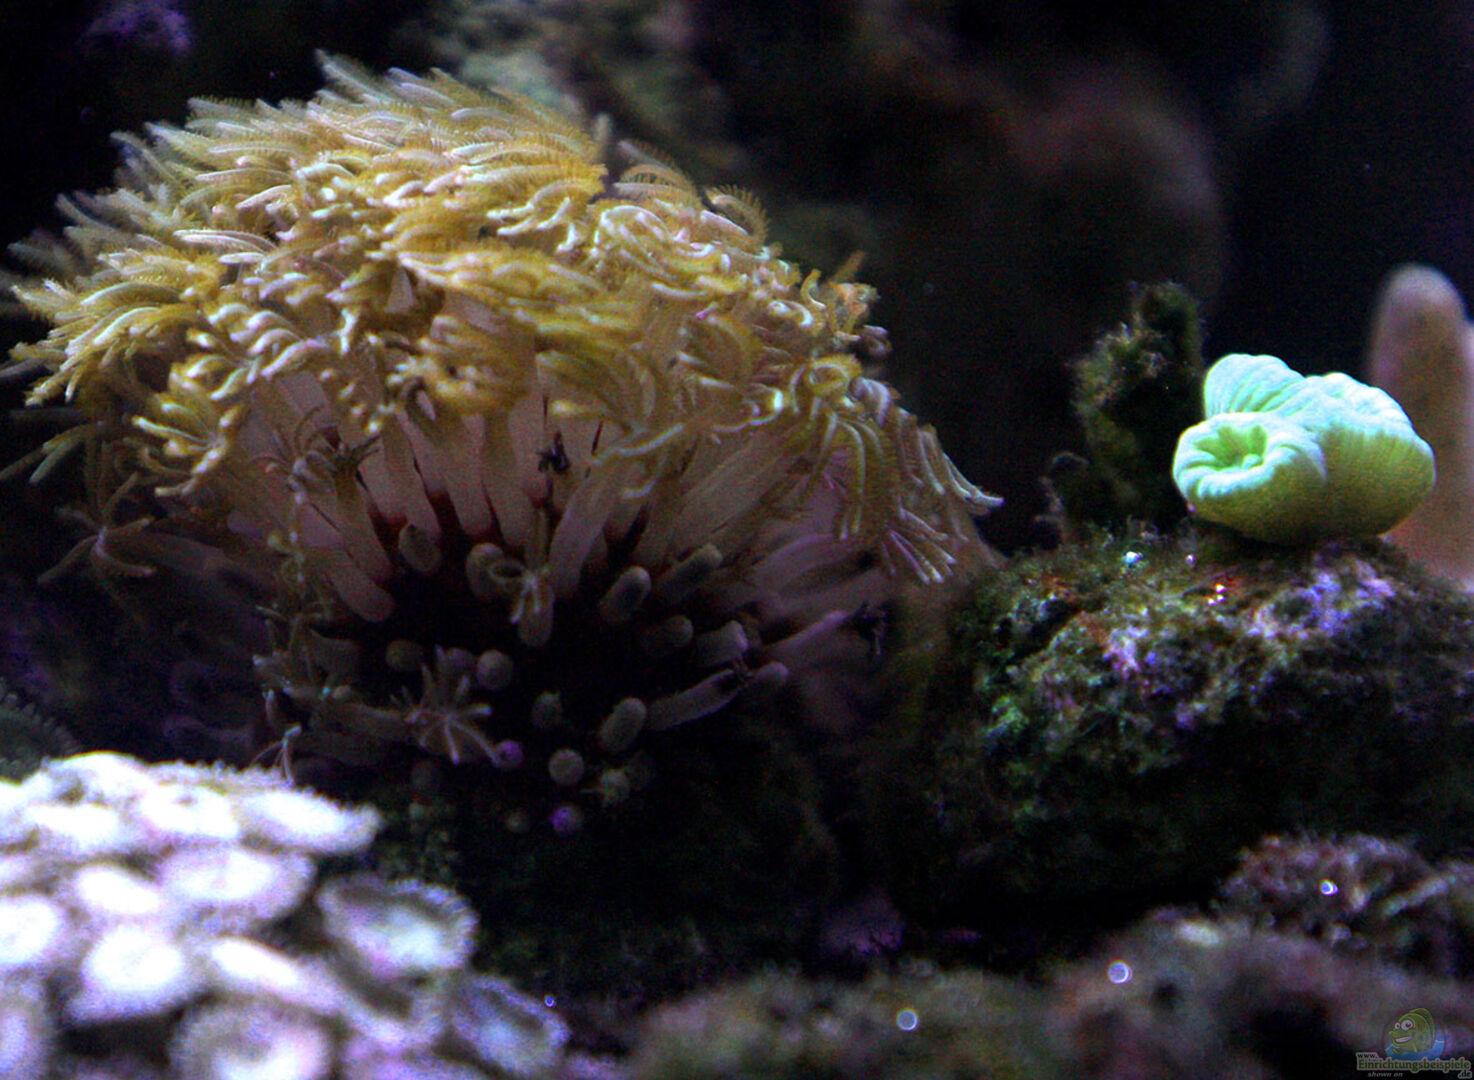 Dekotation Im Aquarium Riff Xxl Aus Riff Xxl Von Kerstin Asslaber